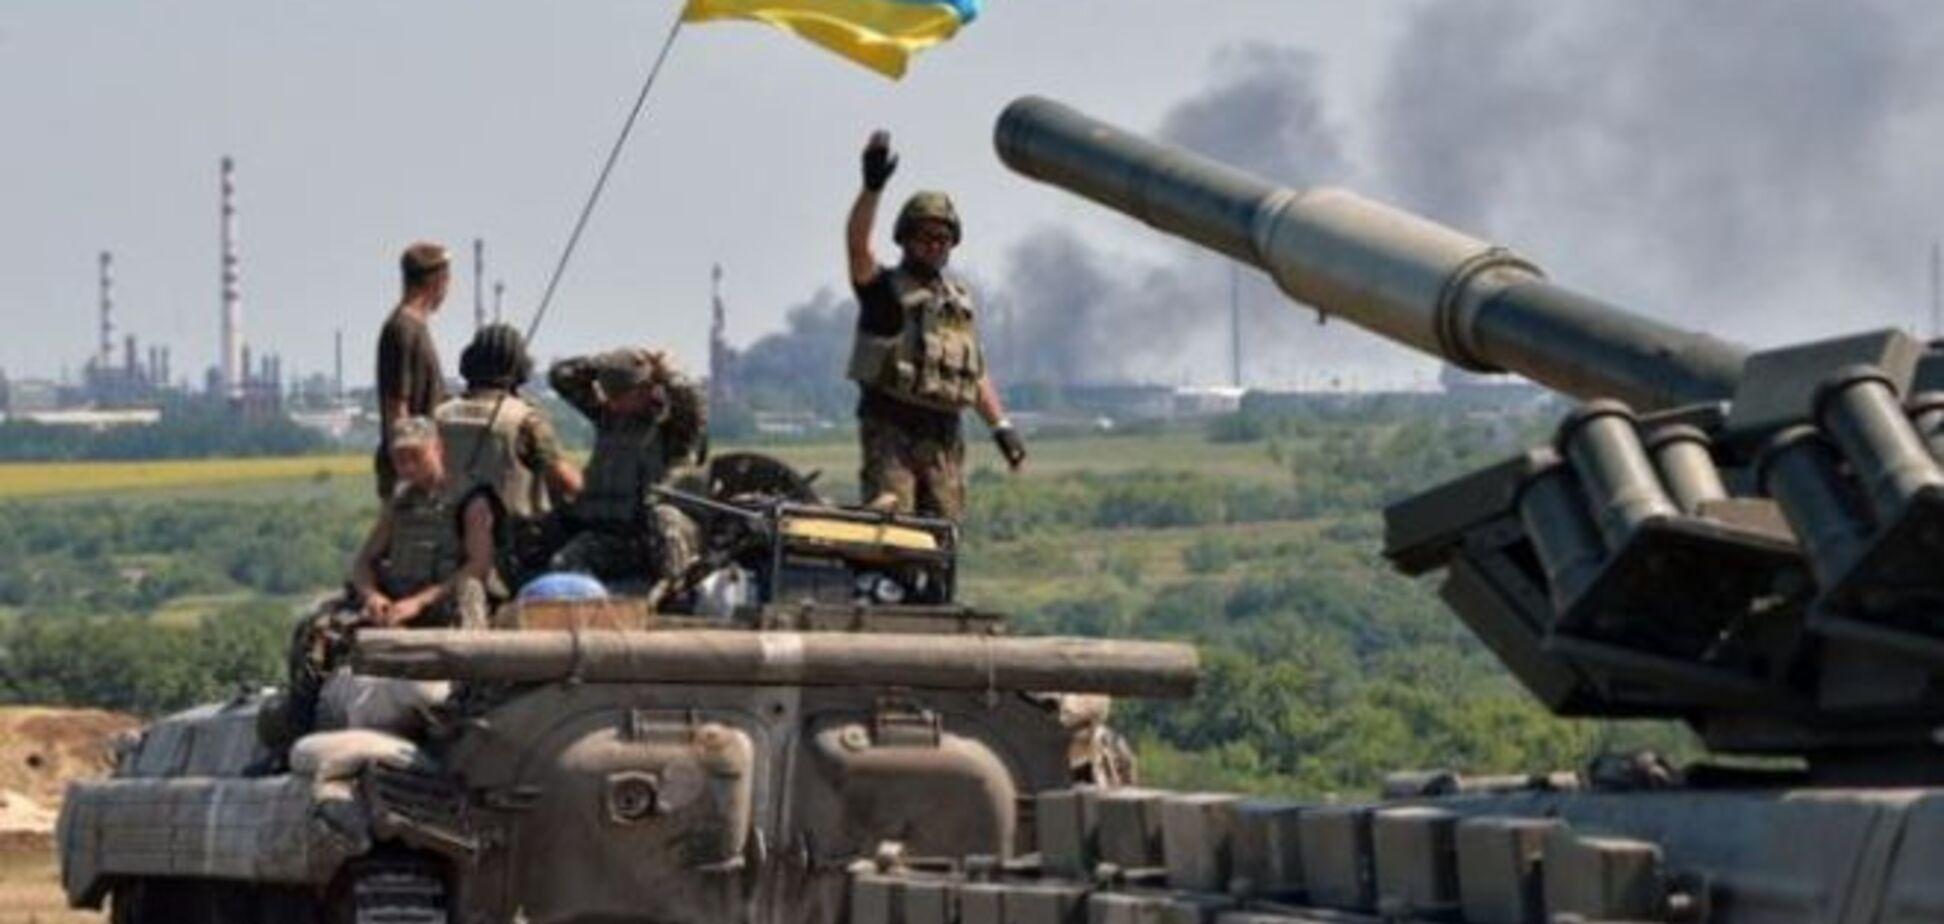 Число погибших украинских бойцов под Марьинкой возросло